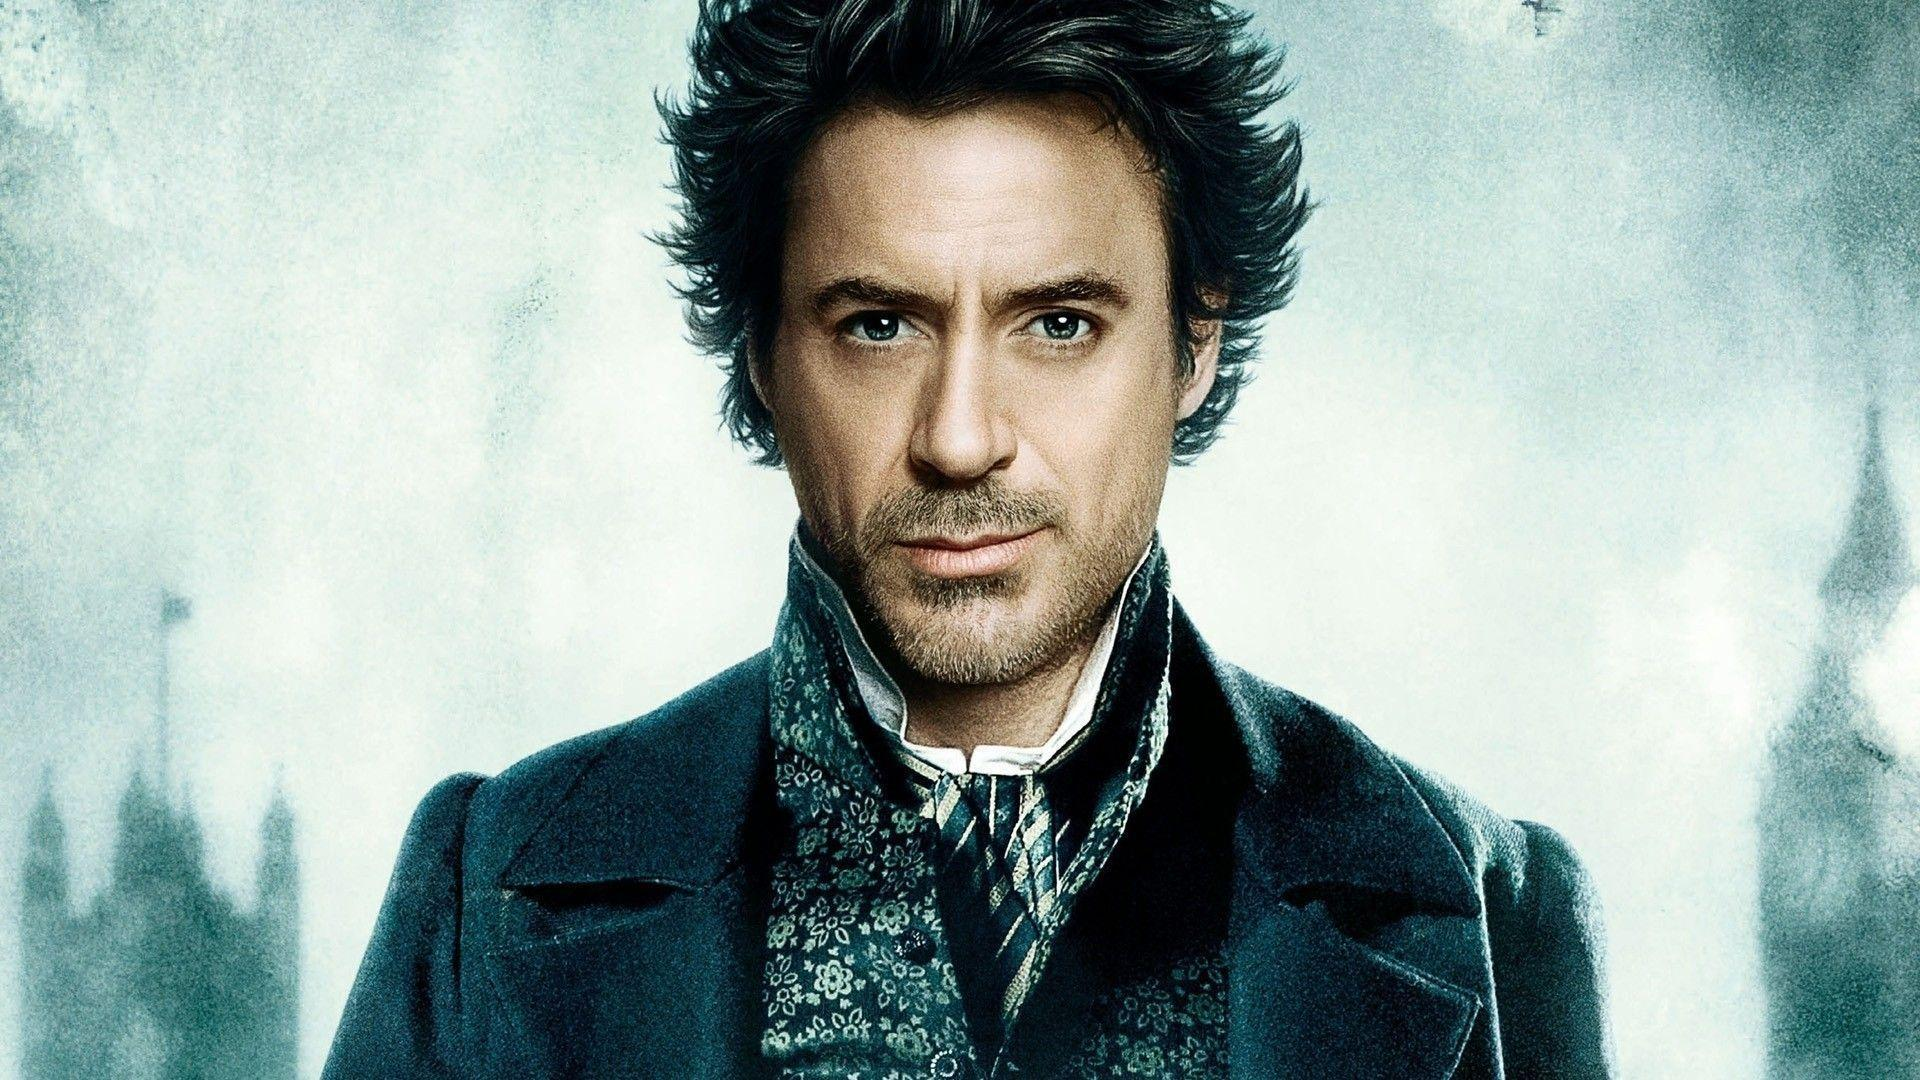 Robert Downey Jr. HD Wallpaper #1 - Apnatimepass.com